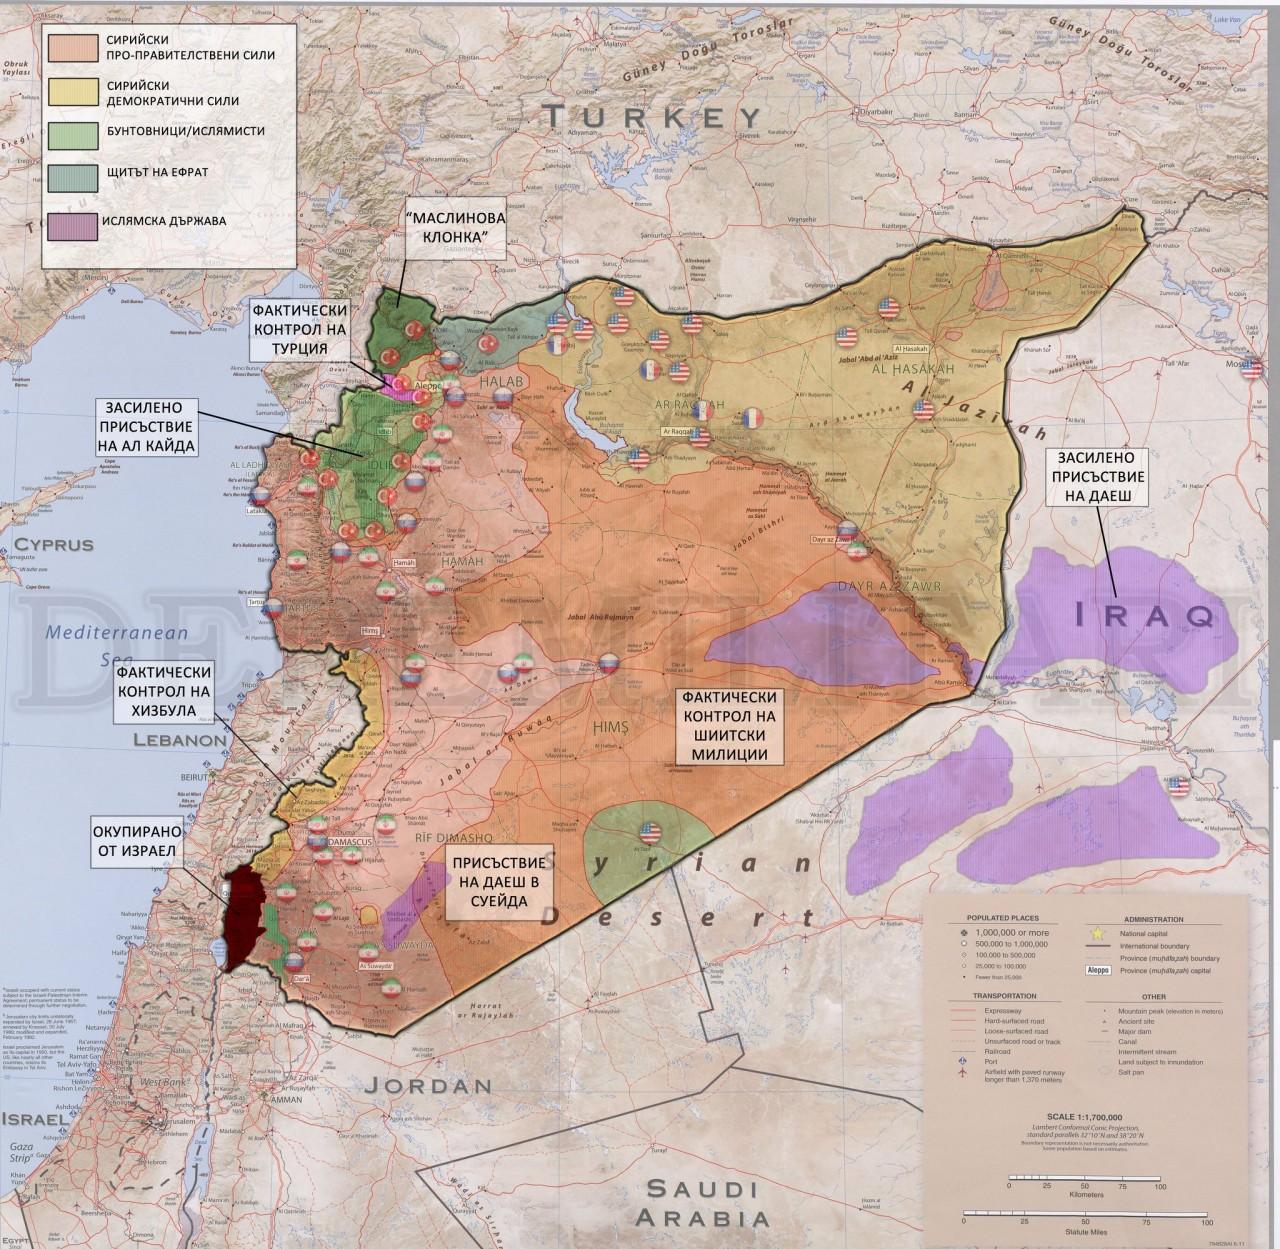 Иностранное военное присутствие на территории Сирии. Декабрь 2018